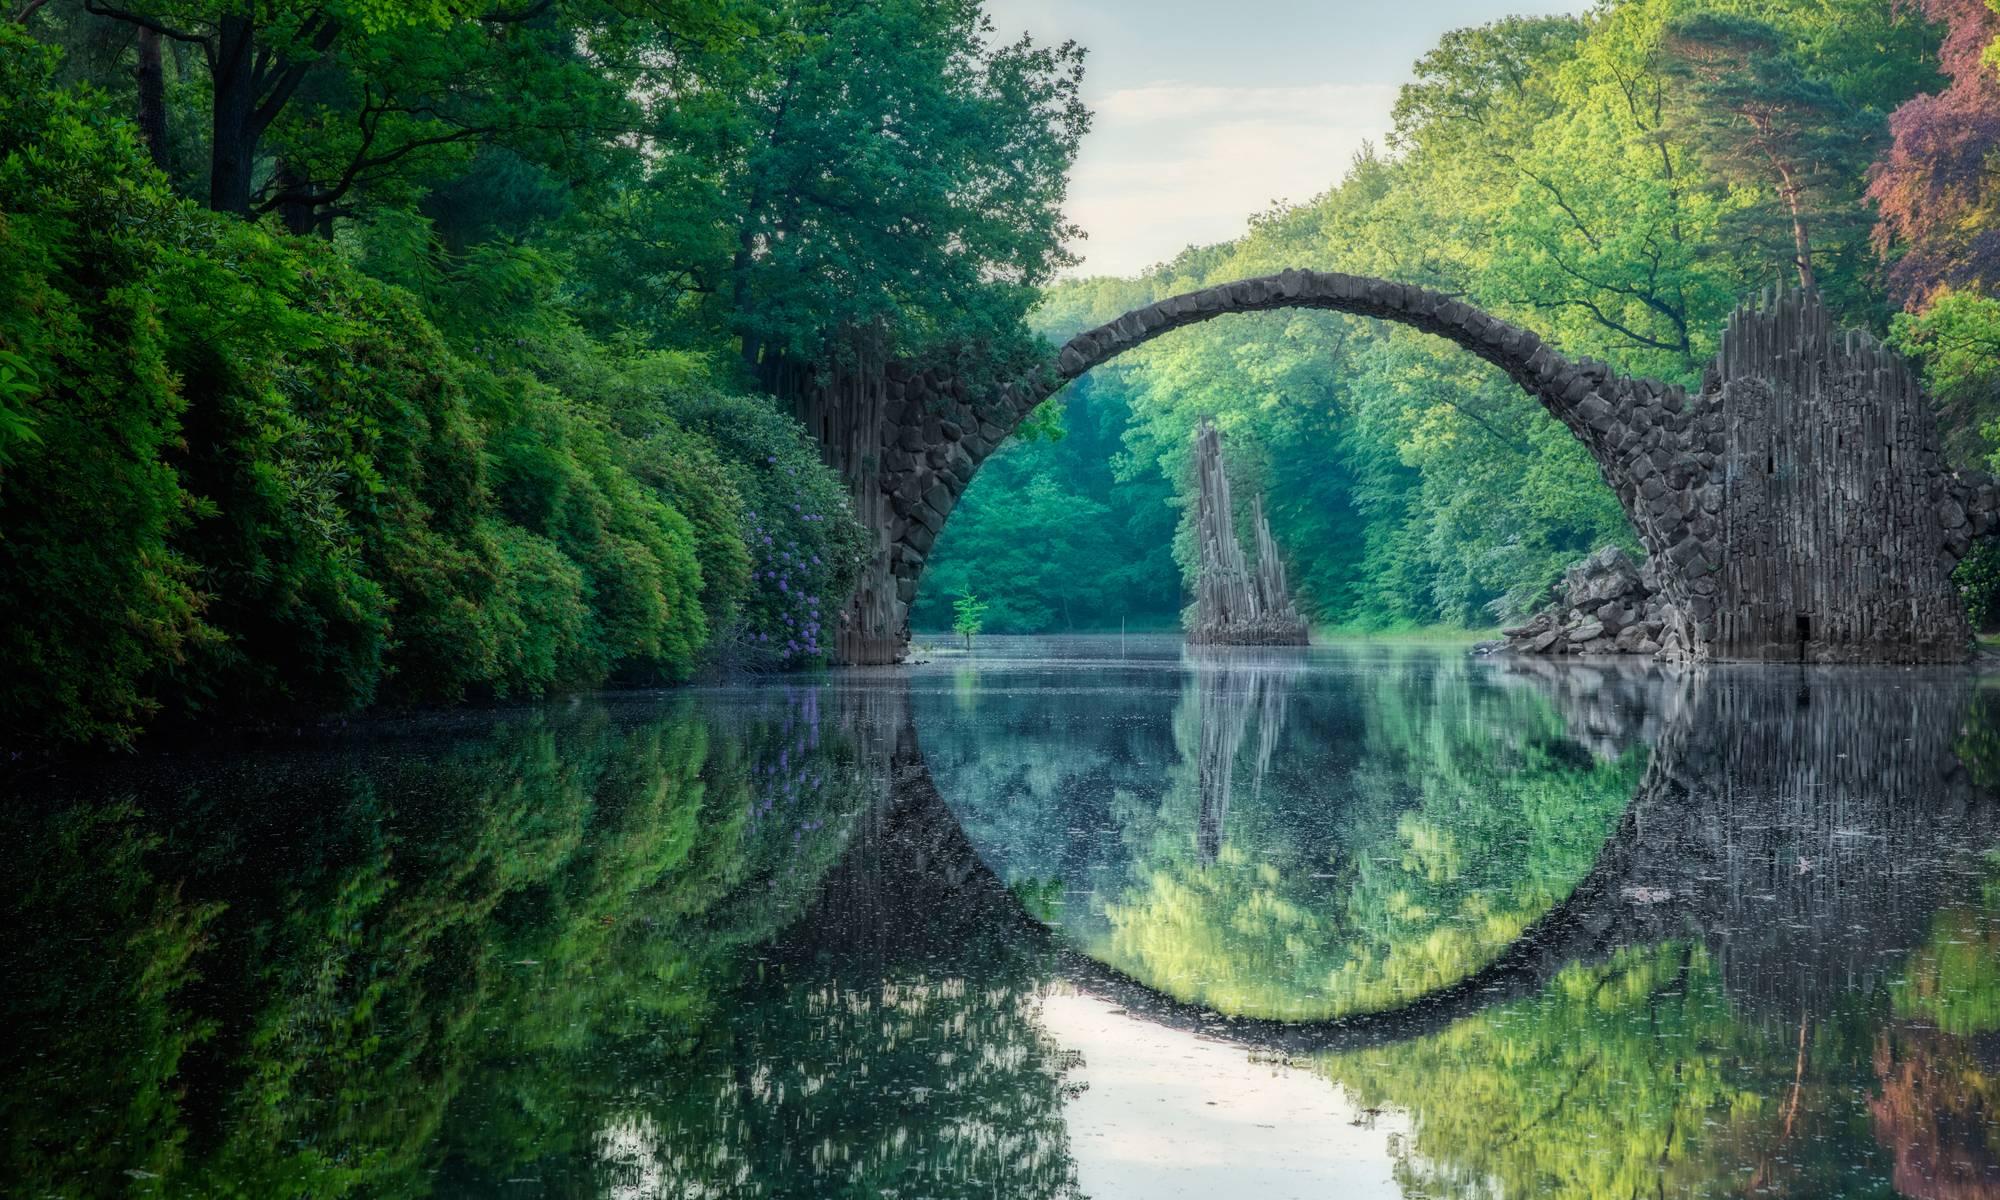 Мистический и манящий мост Ракотцбрюке в Германии